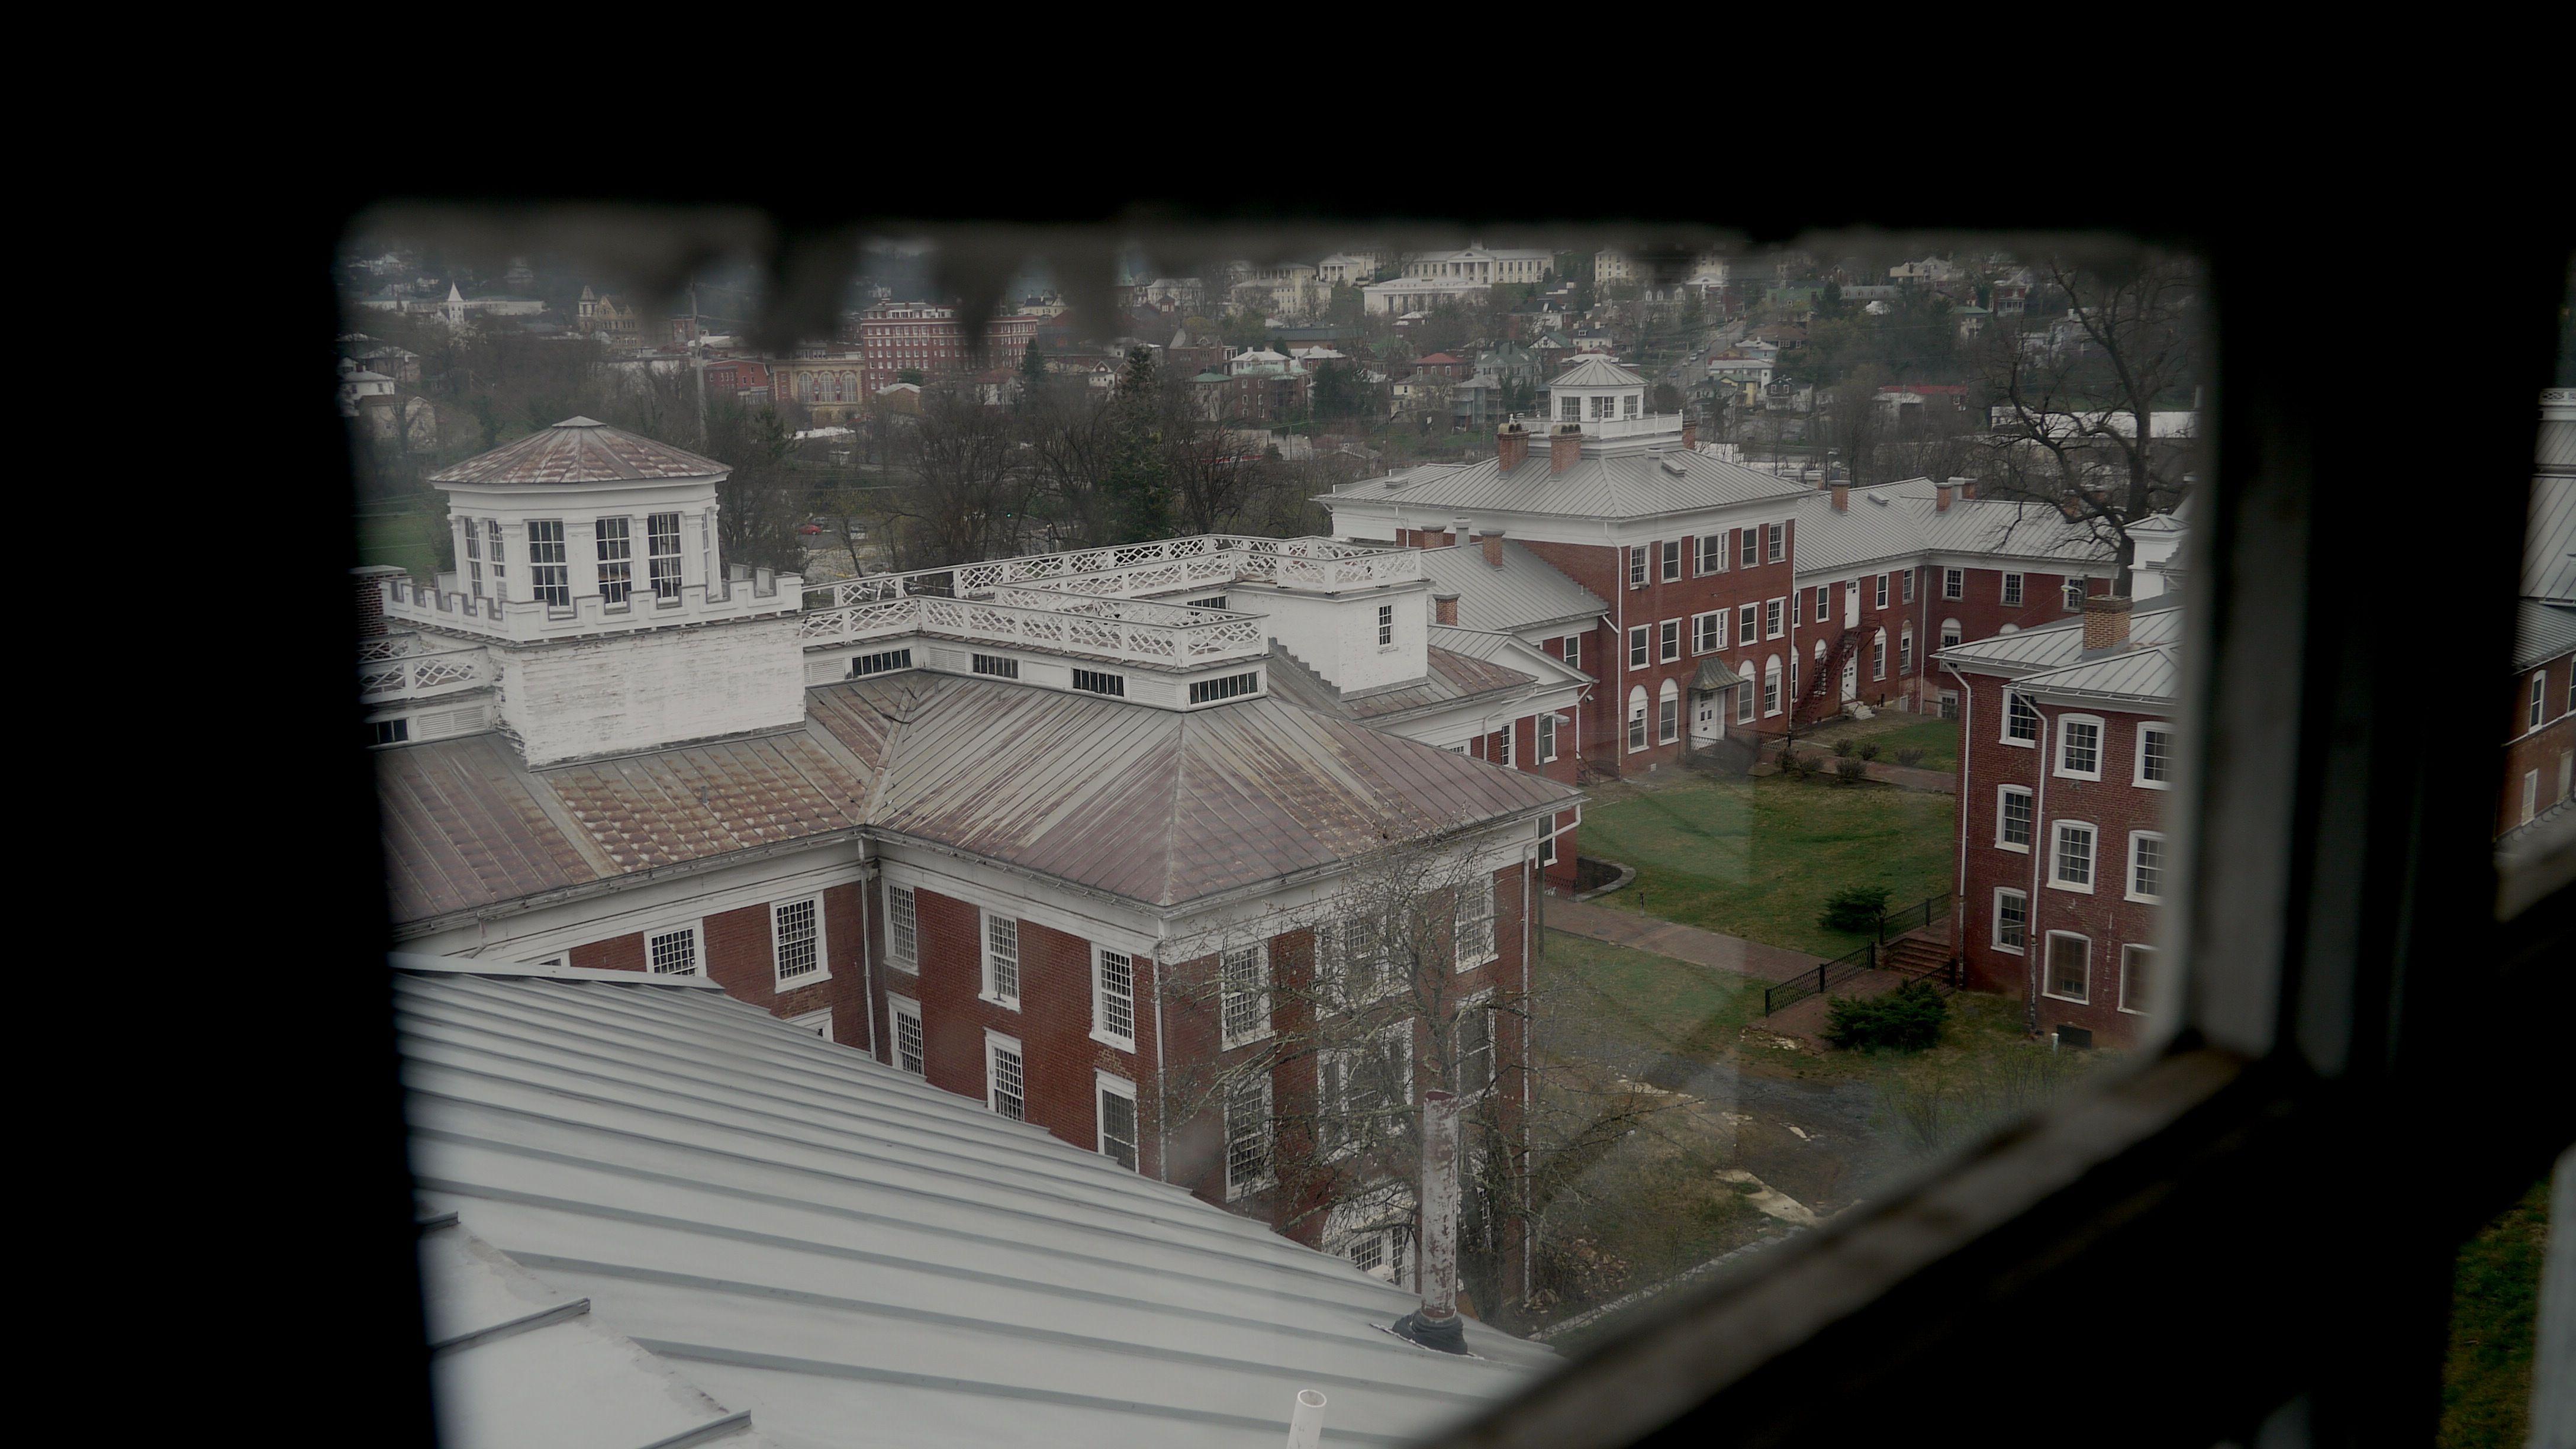 Western State Lunatic Asylum Staunton, Virginia Asylum